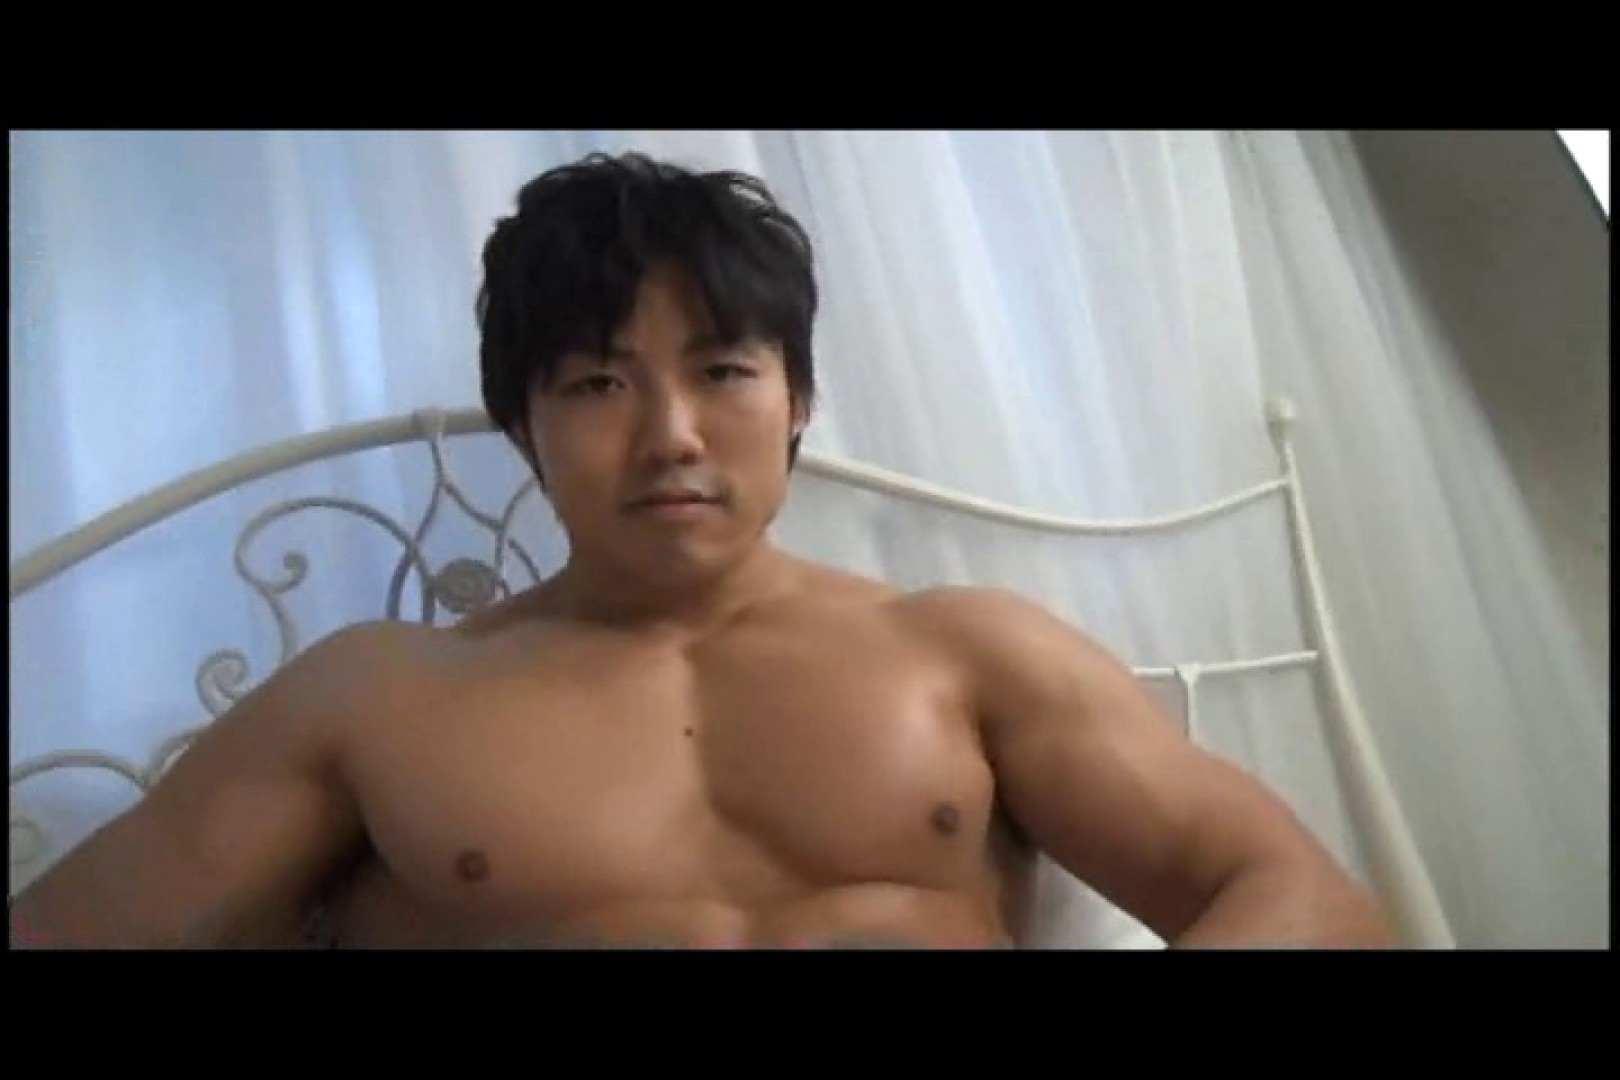 エロガチムチ兄さんのセクシームービー前編 スポーツ系メンズ ゲイ無修正画像 12画像 2